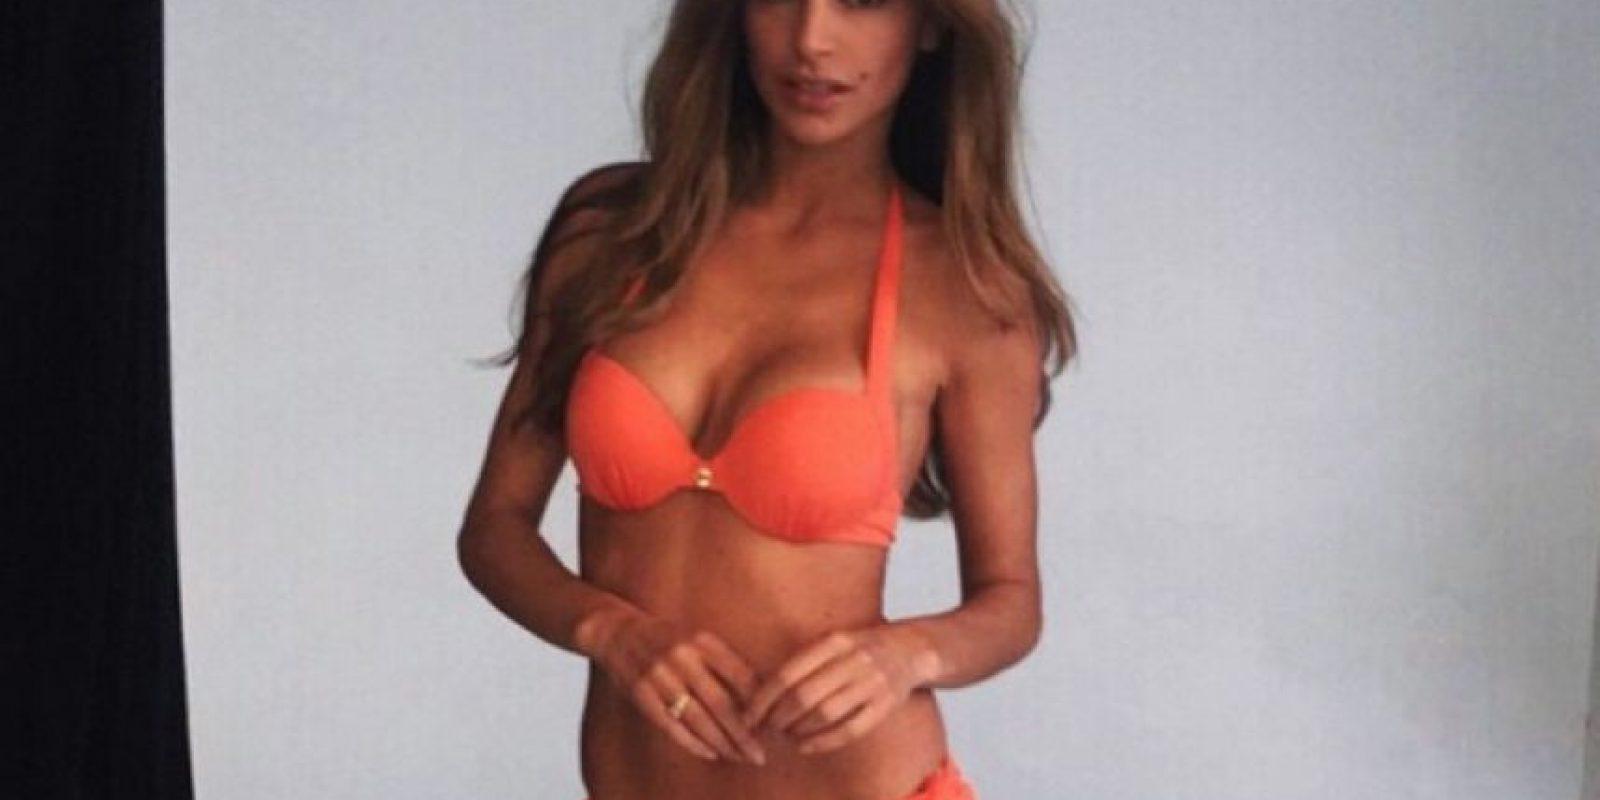 Su carrera como modelo es amplia: ha posado para diversas revistas y ha participado en campañas de moda sobre todo en su natal Suecia y Dinamarca. Foto:Vía instagram.com/missebeqiri